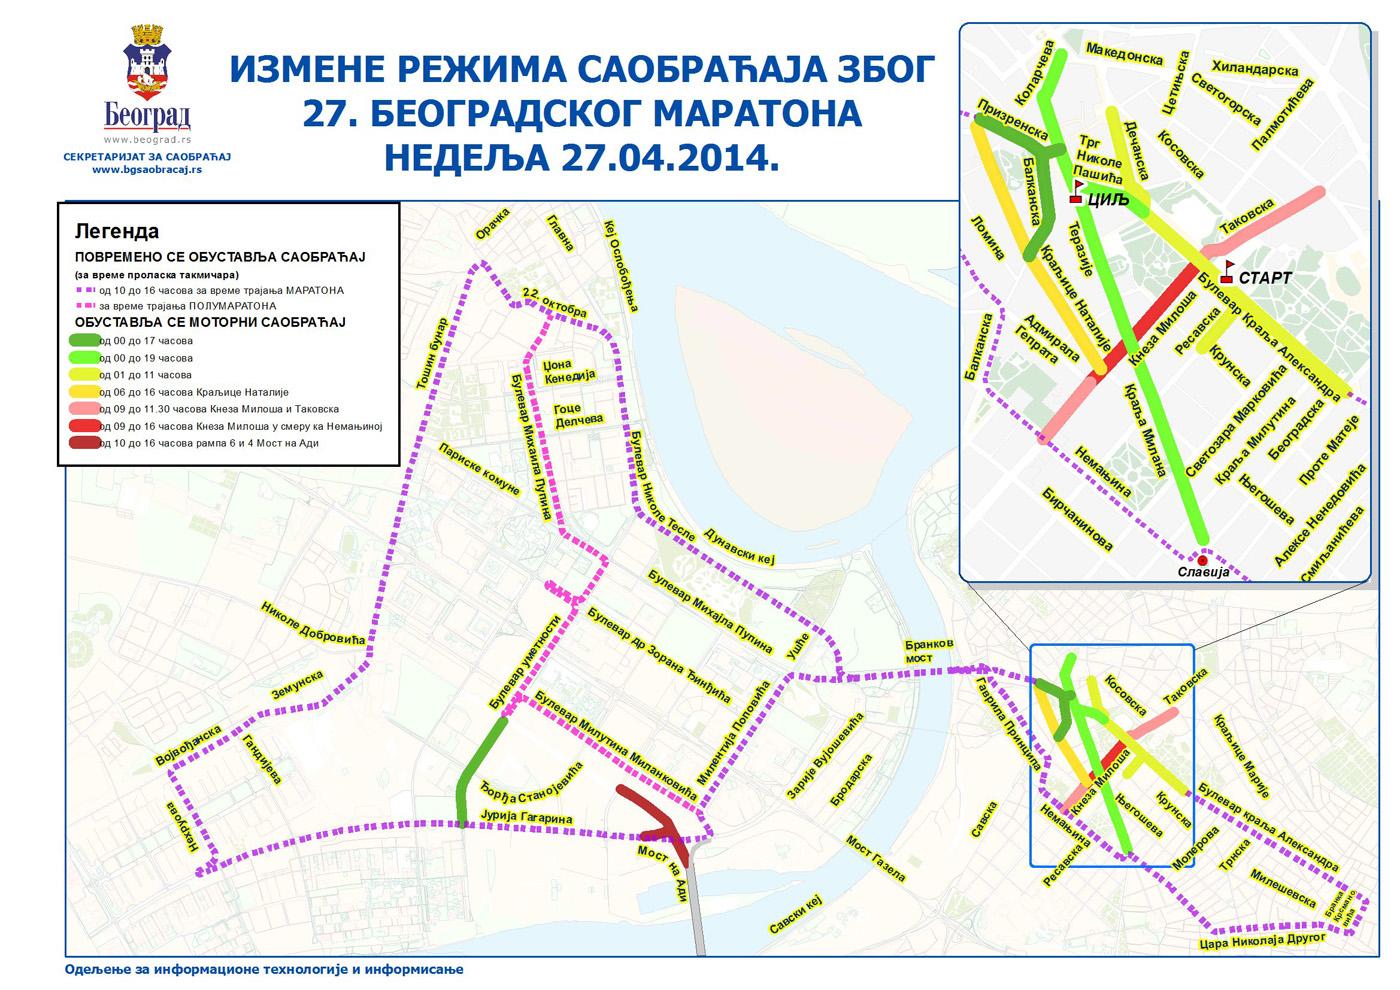 Beogradski maraton - izmene režima saobraćaja